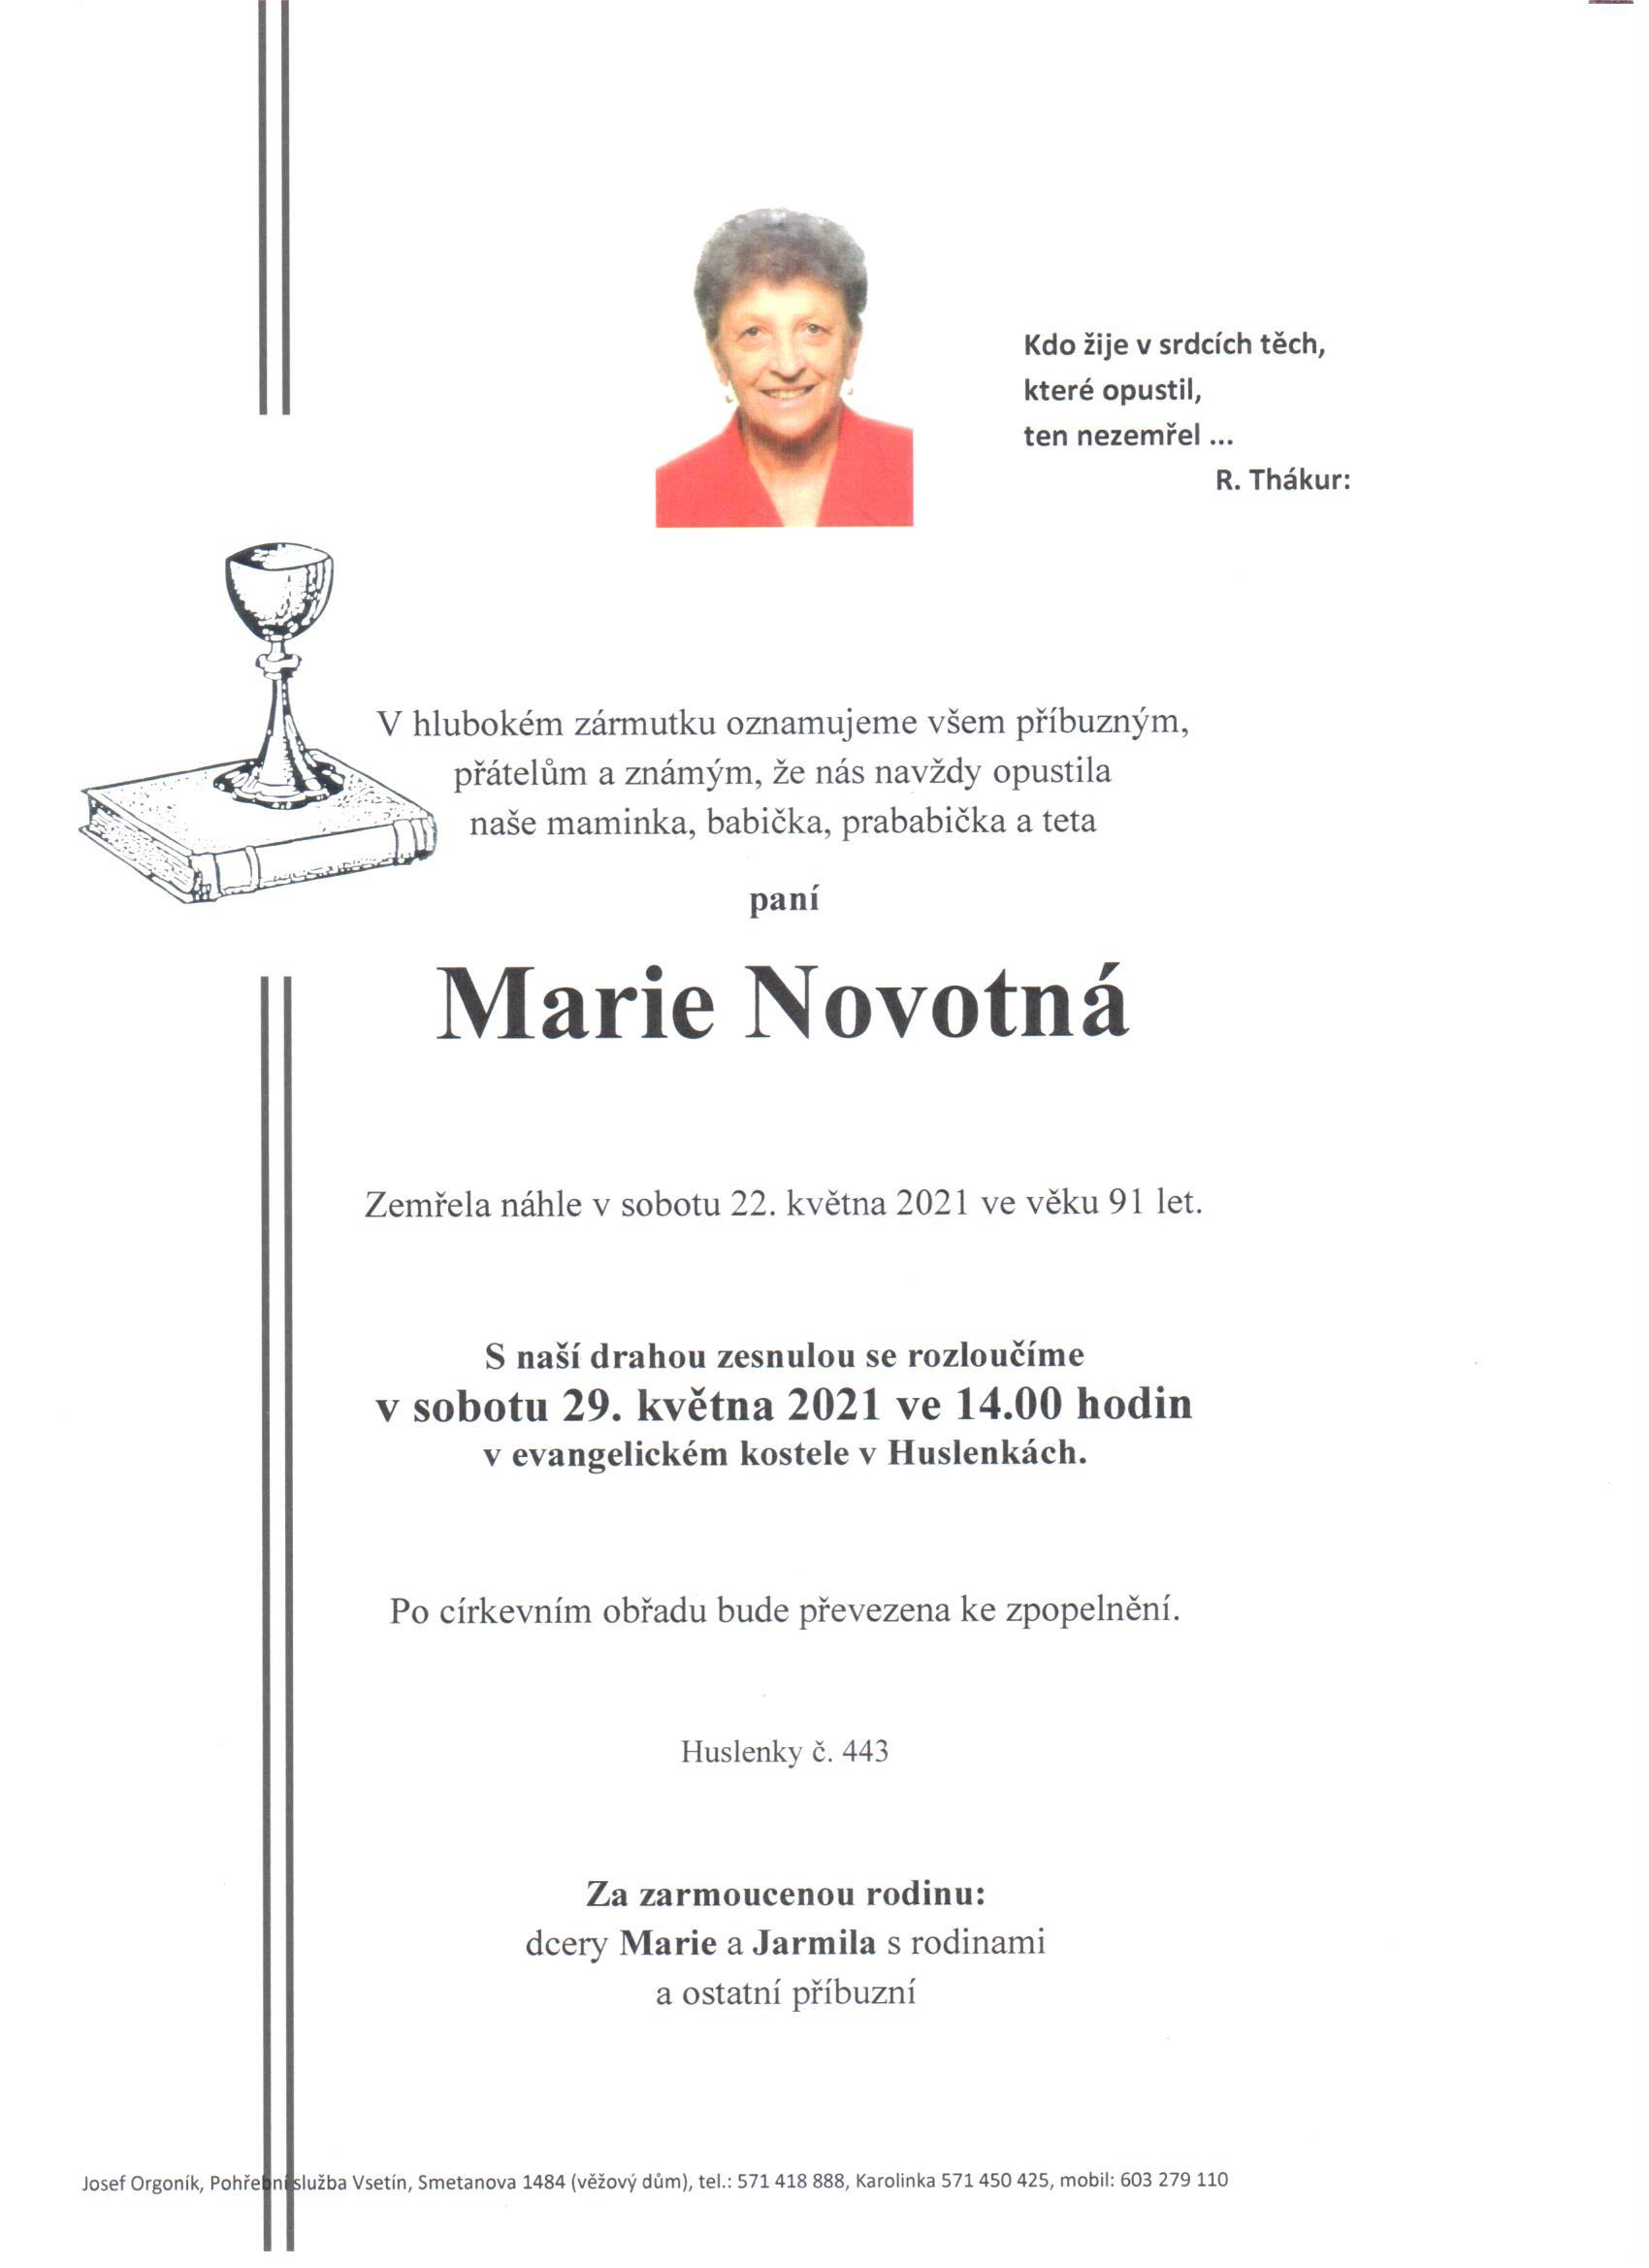 Marie Novotná